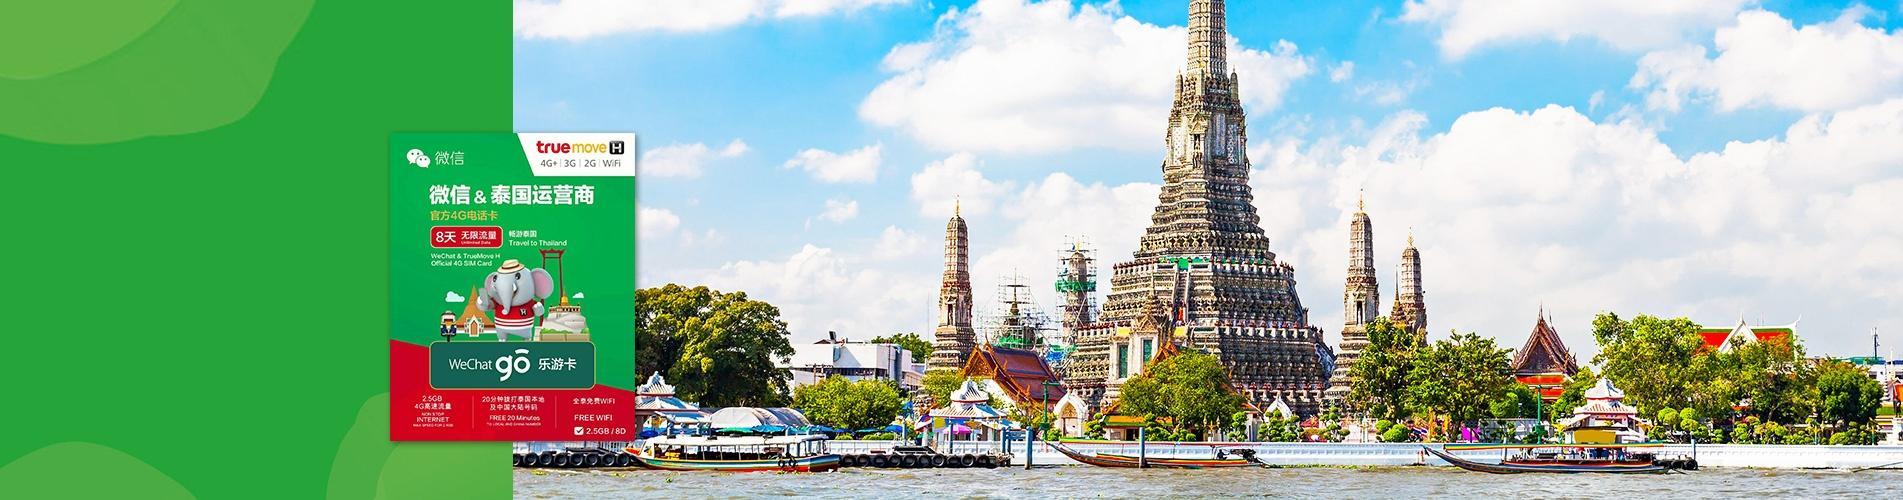 泰國電話卡 - Truemove 微信 WeChat Go 樂遊卡 泰國4G 8天無限流量數據及電話卡